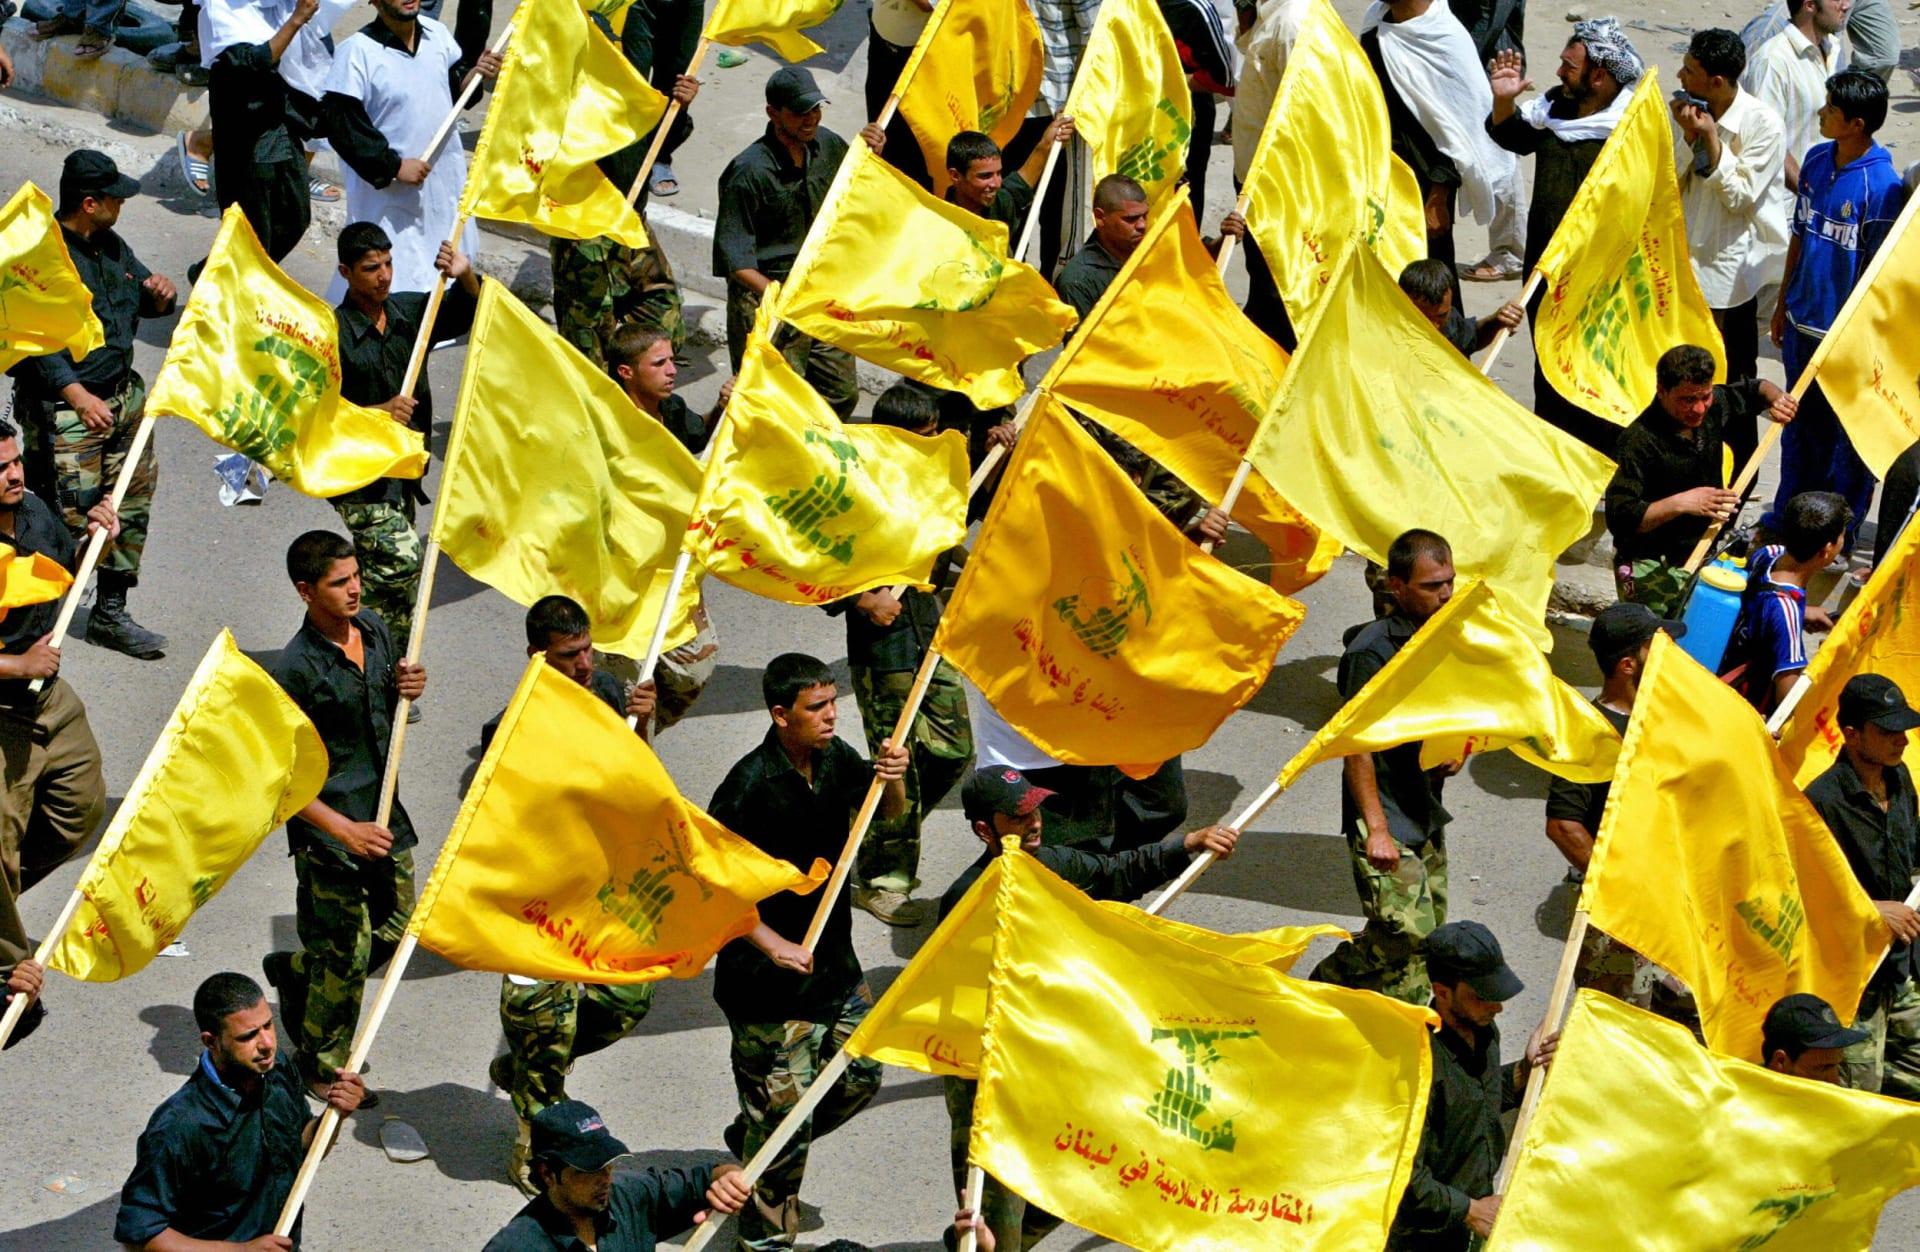 أول تعليق من حزب الله على العقوبات الأمريكية بحق وزيرين لبنانيين سابقين